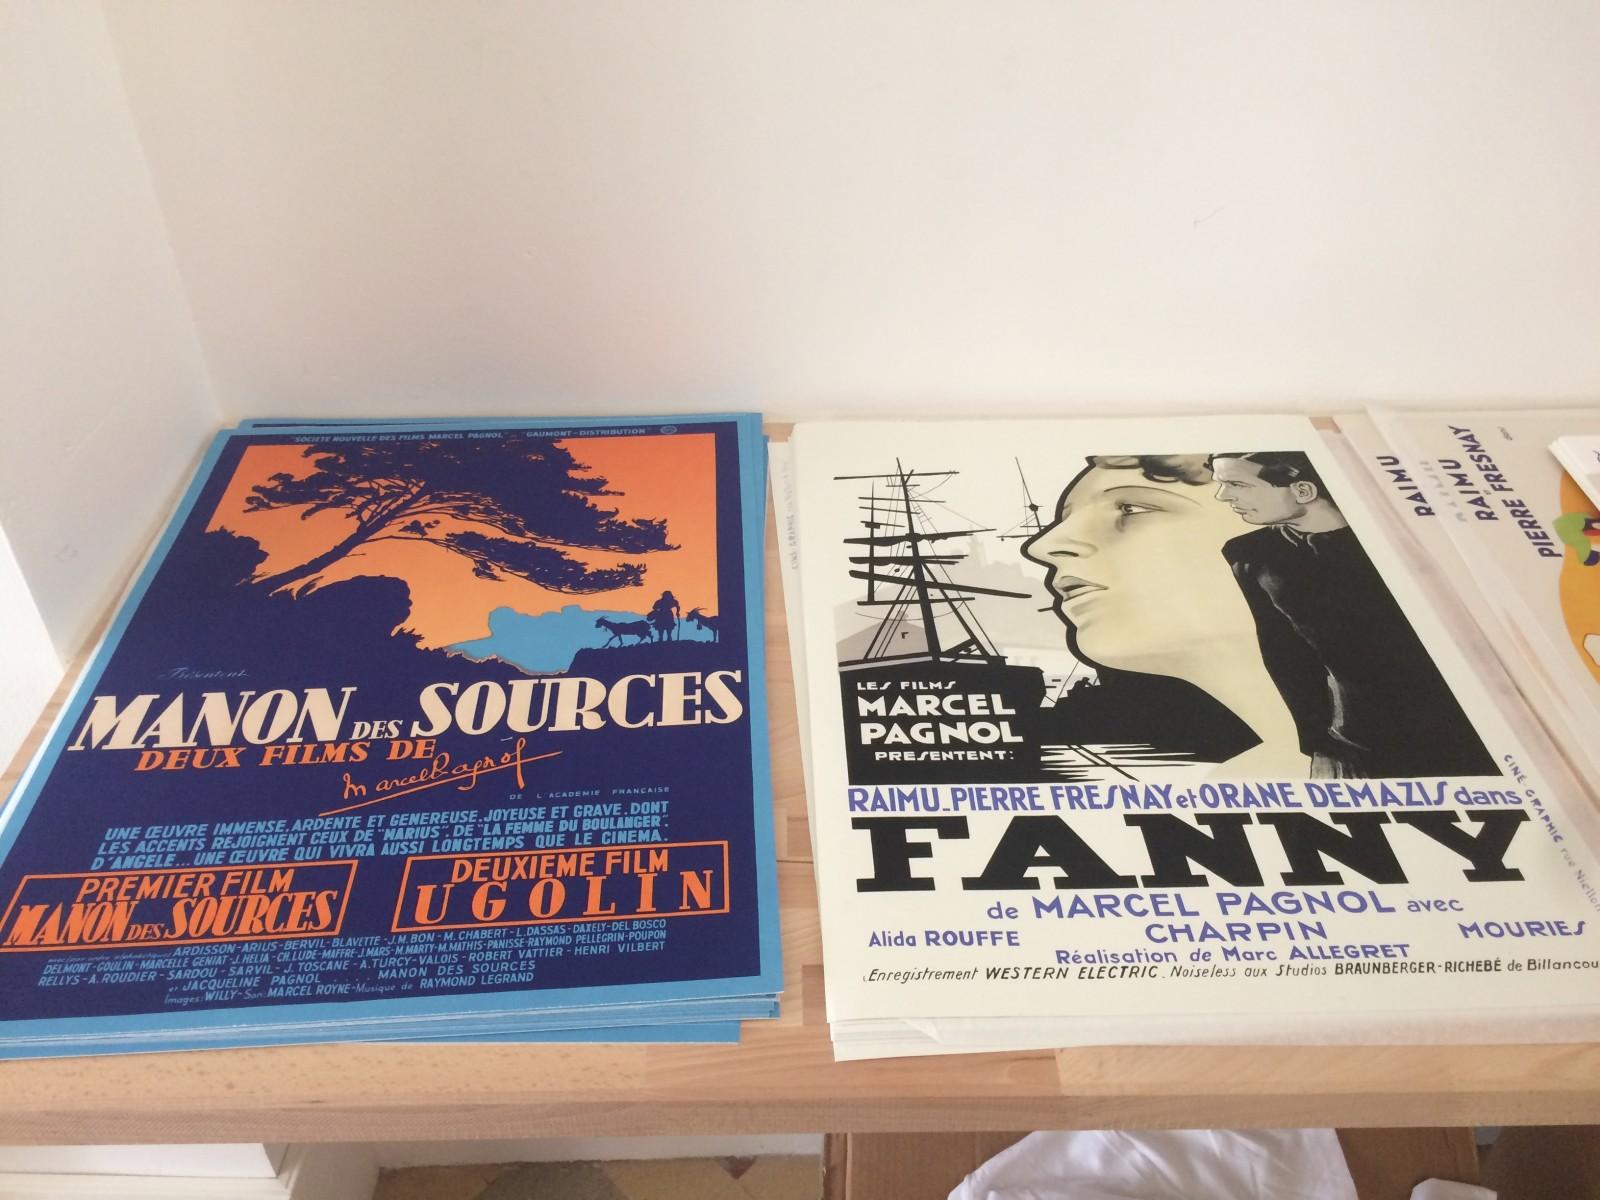 Les affiches d'époque sont reproduites. ©MD